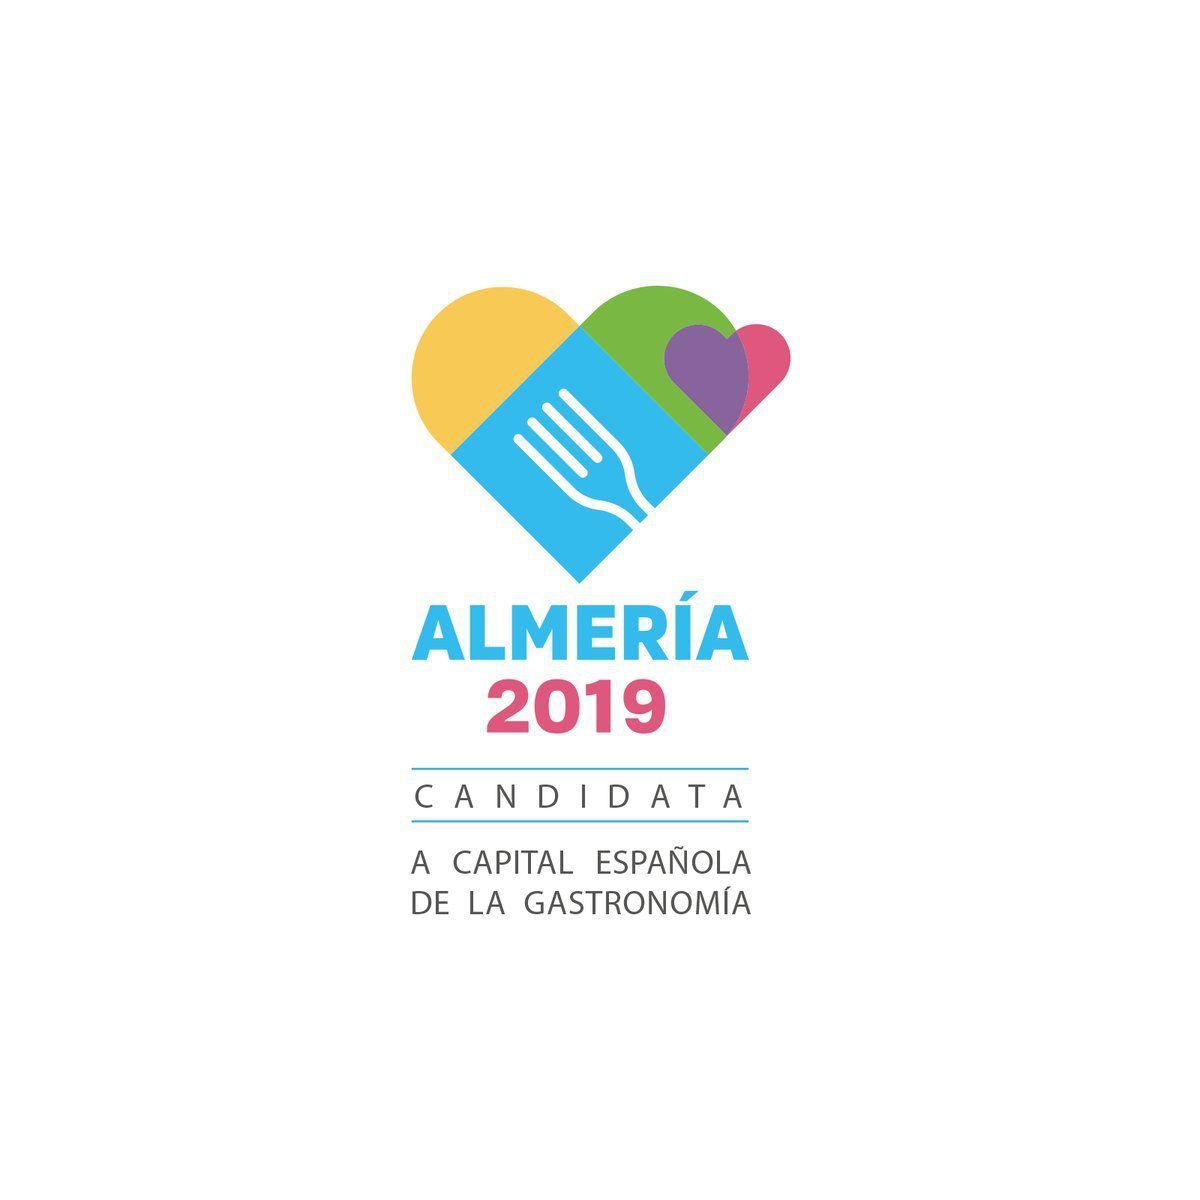 Almeria-2019-candidata